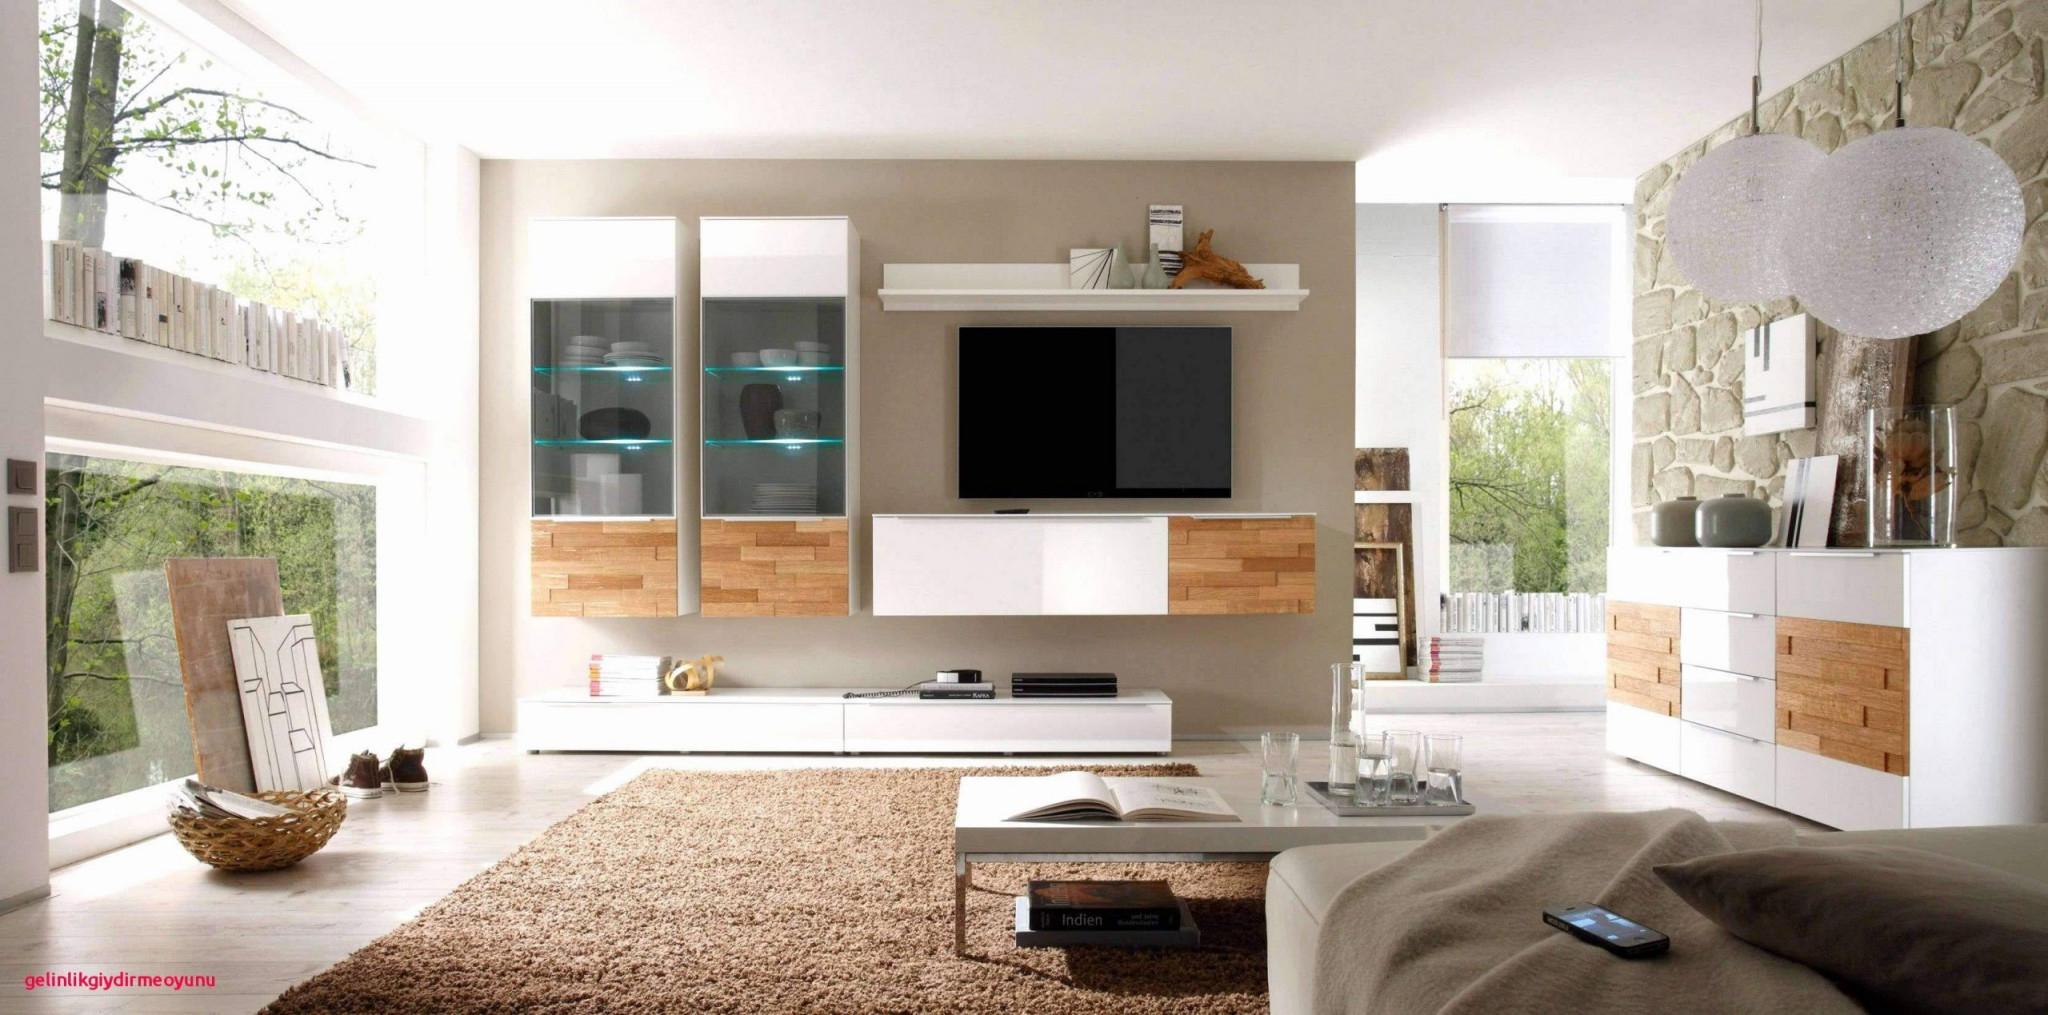 Wohnzimmer Holz Reizend Deko Ideen Wohnzimmer Holz Schön von Deko Holz Wohnzimmer Bild